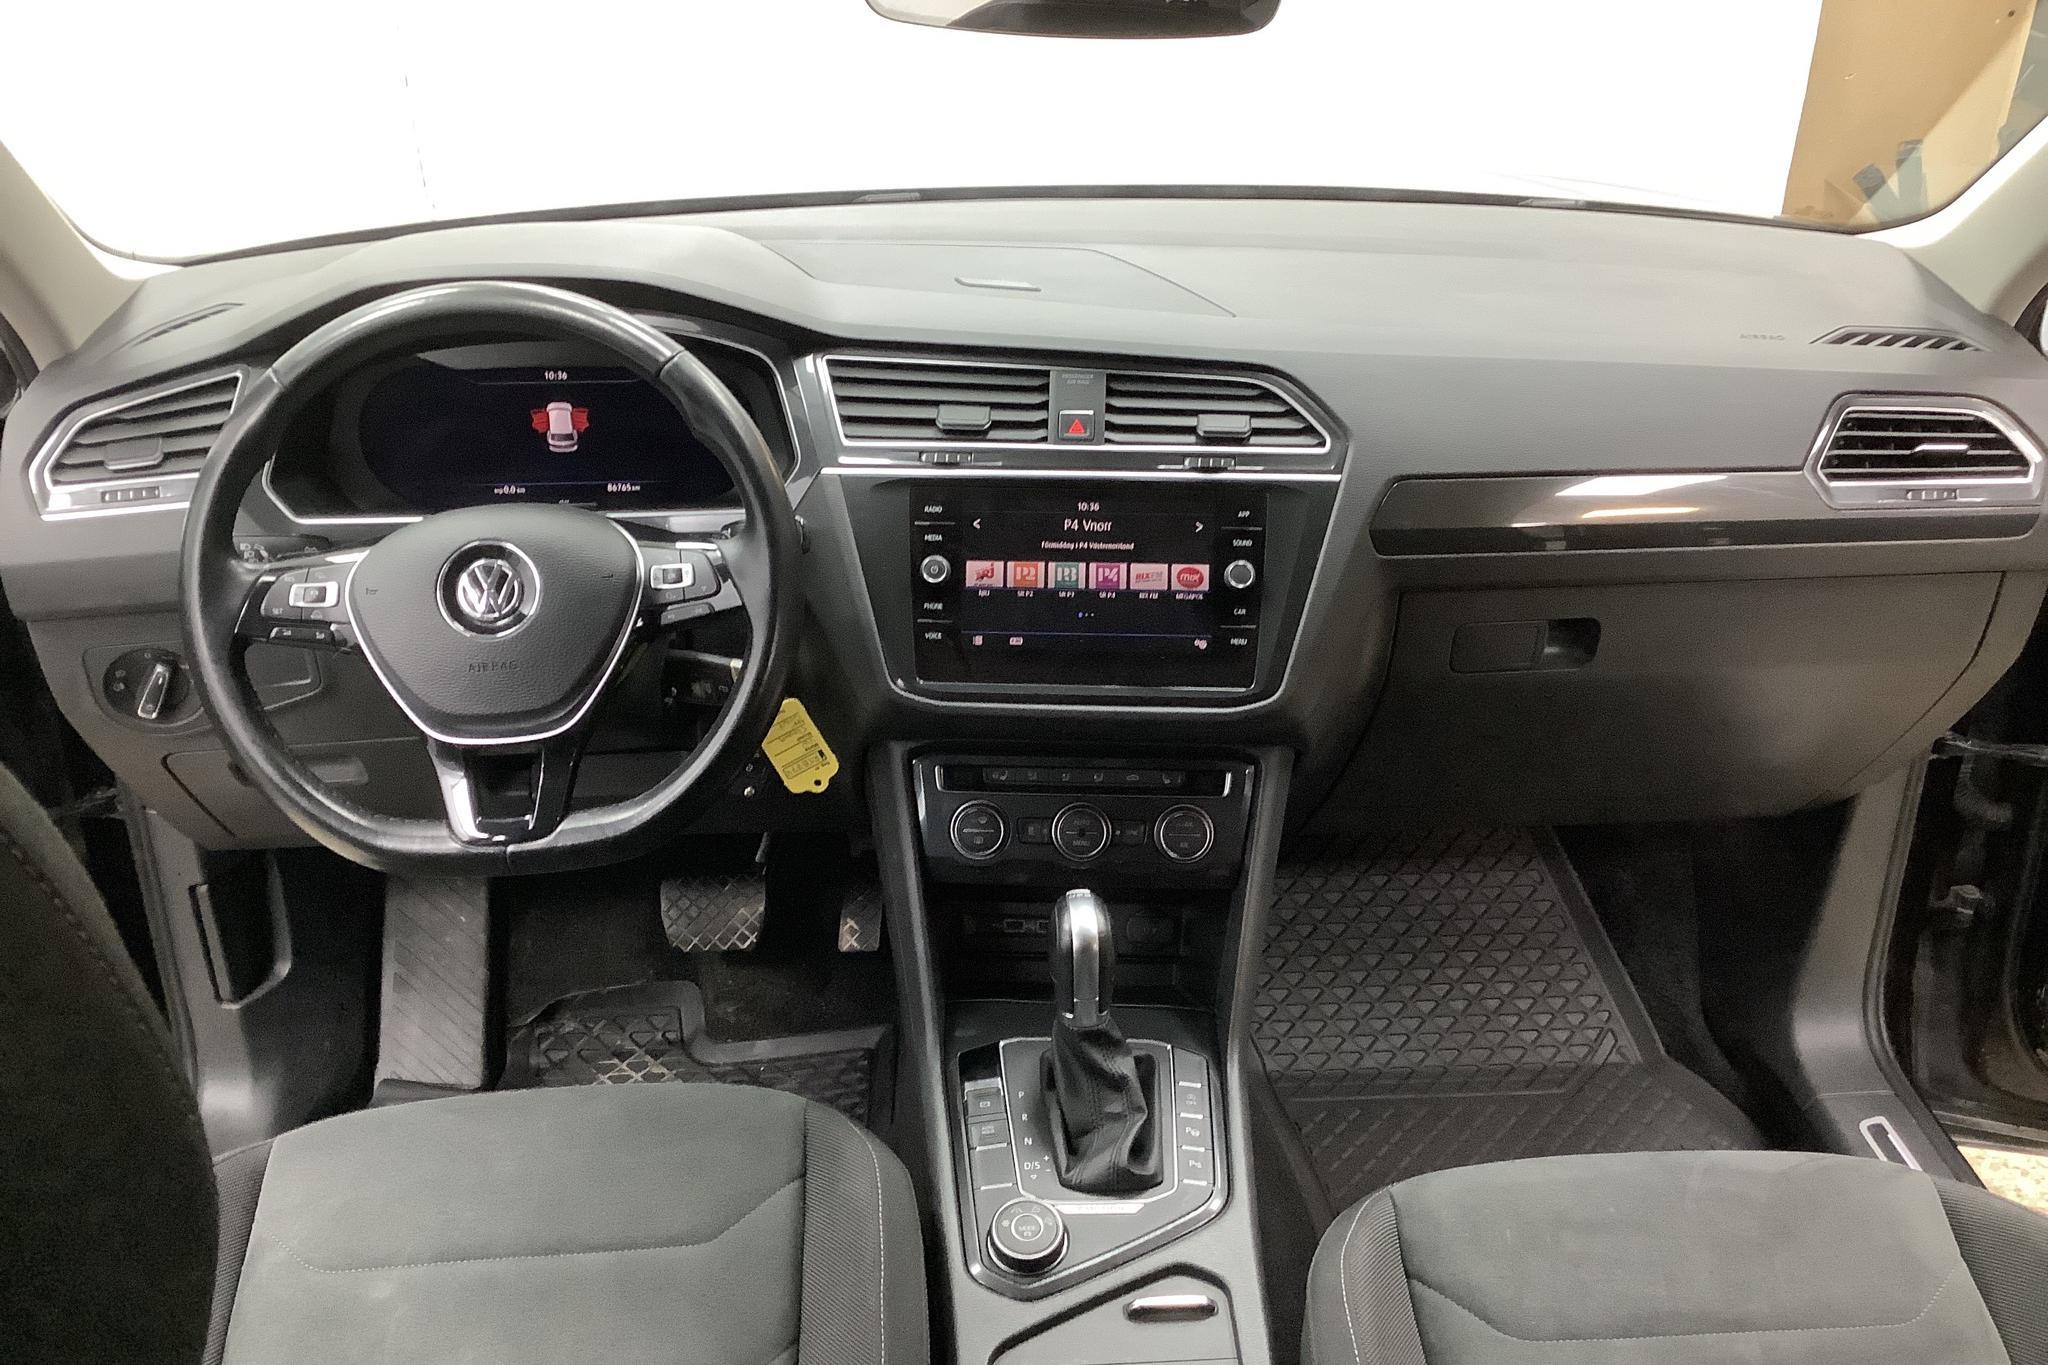 VW Tiguan 2.0 TDI 4MOTION (190hk) - 86 790 km - Automatic - black - 2018